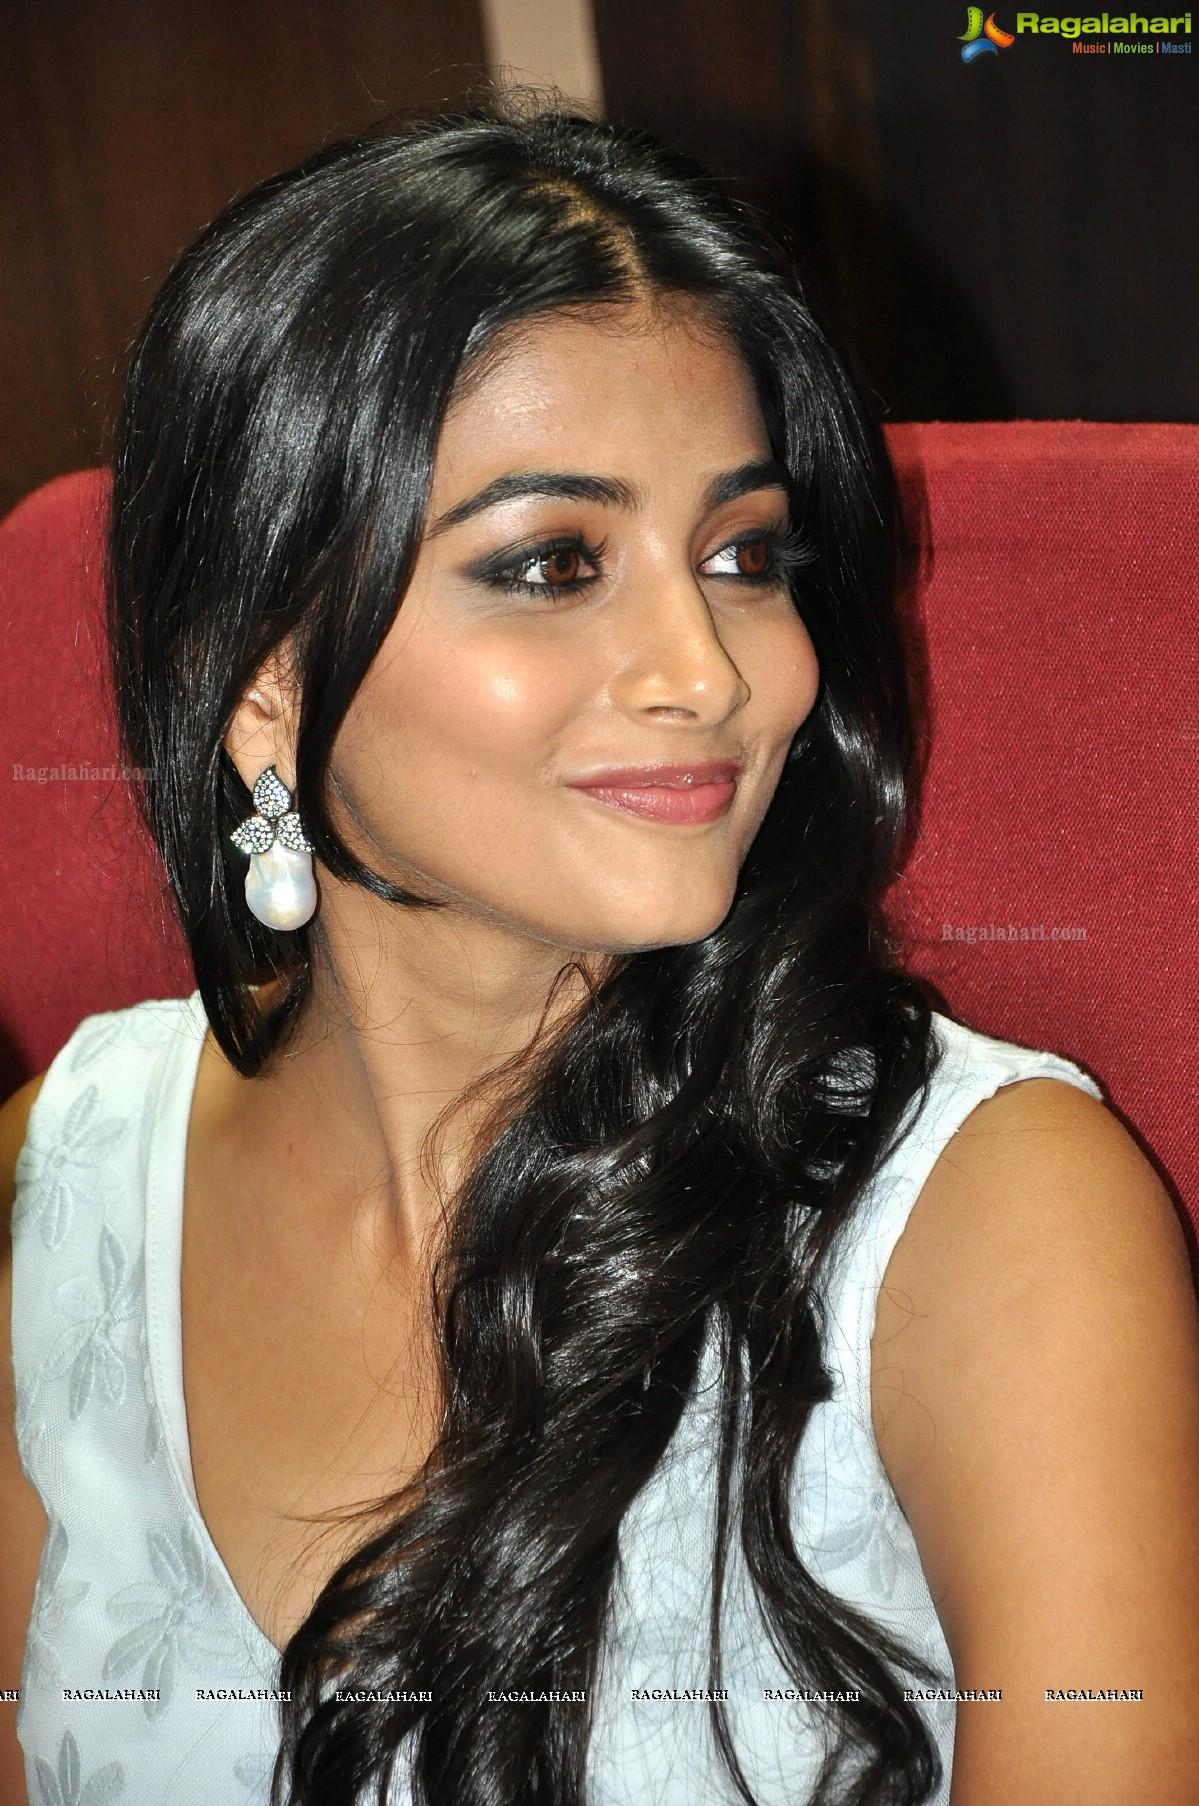 pooja hegde image 8 | telugu actress photos,images, photos, pictures